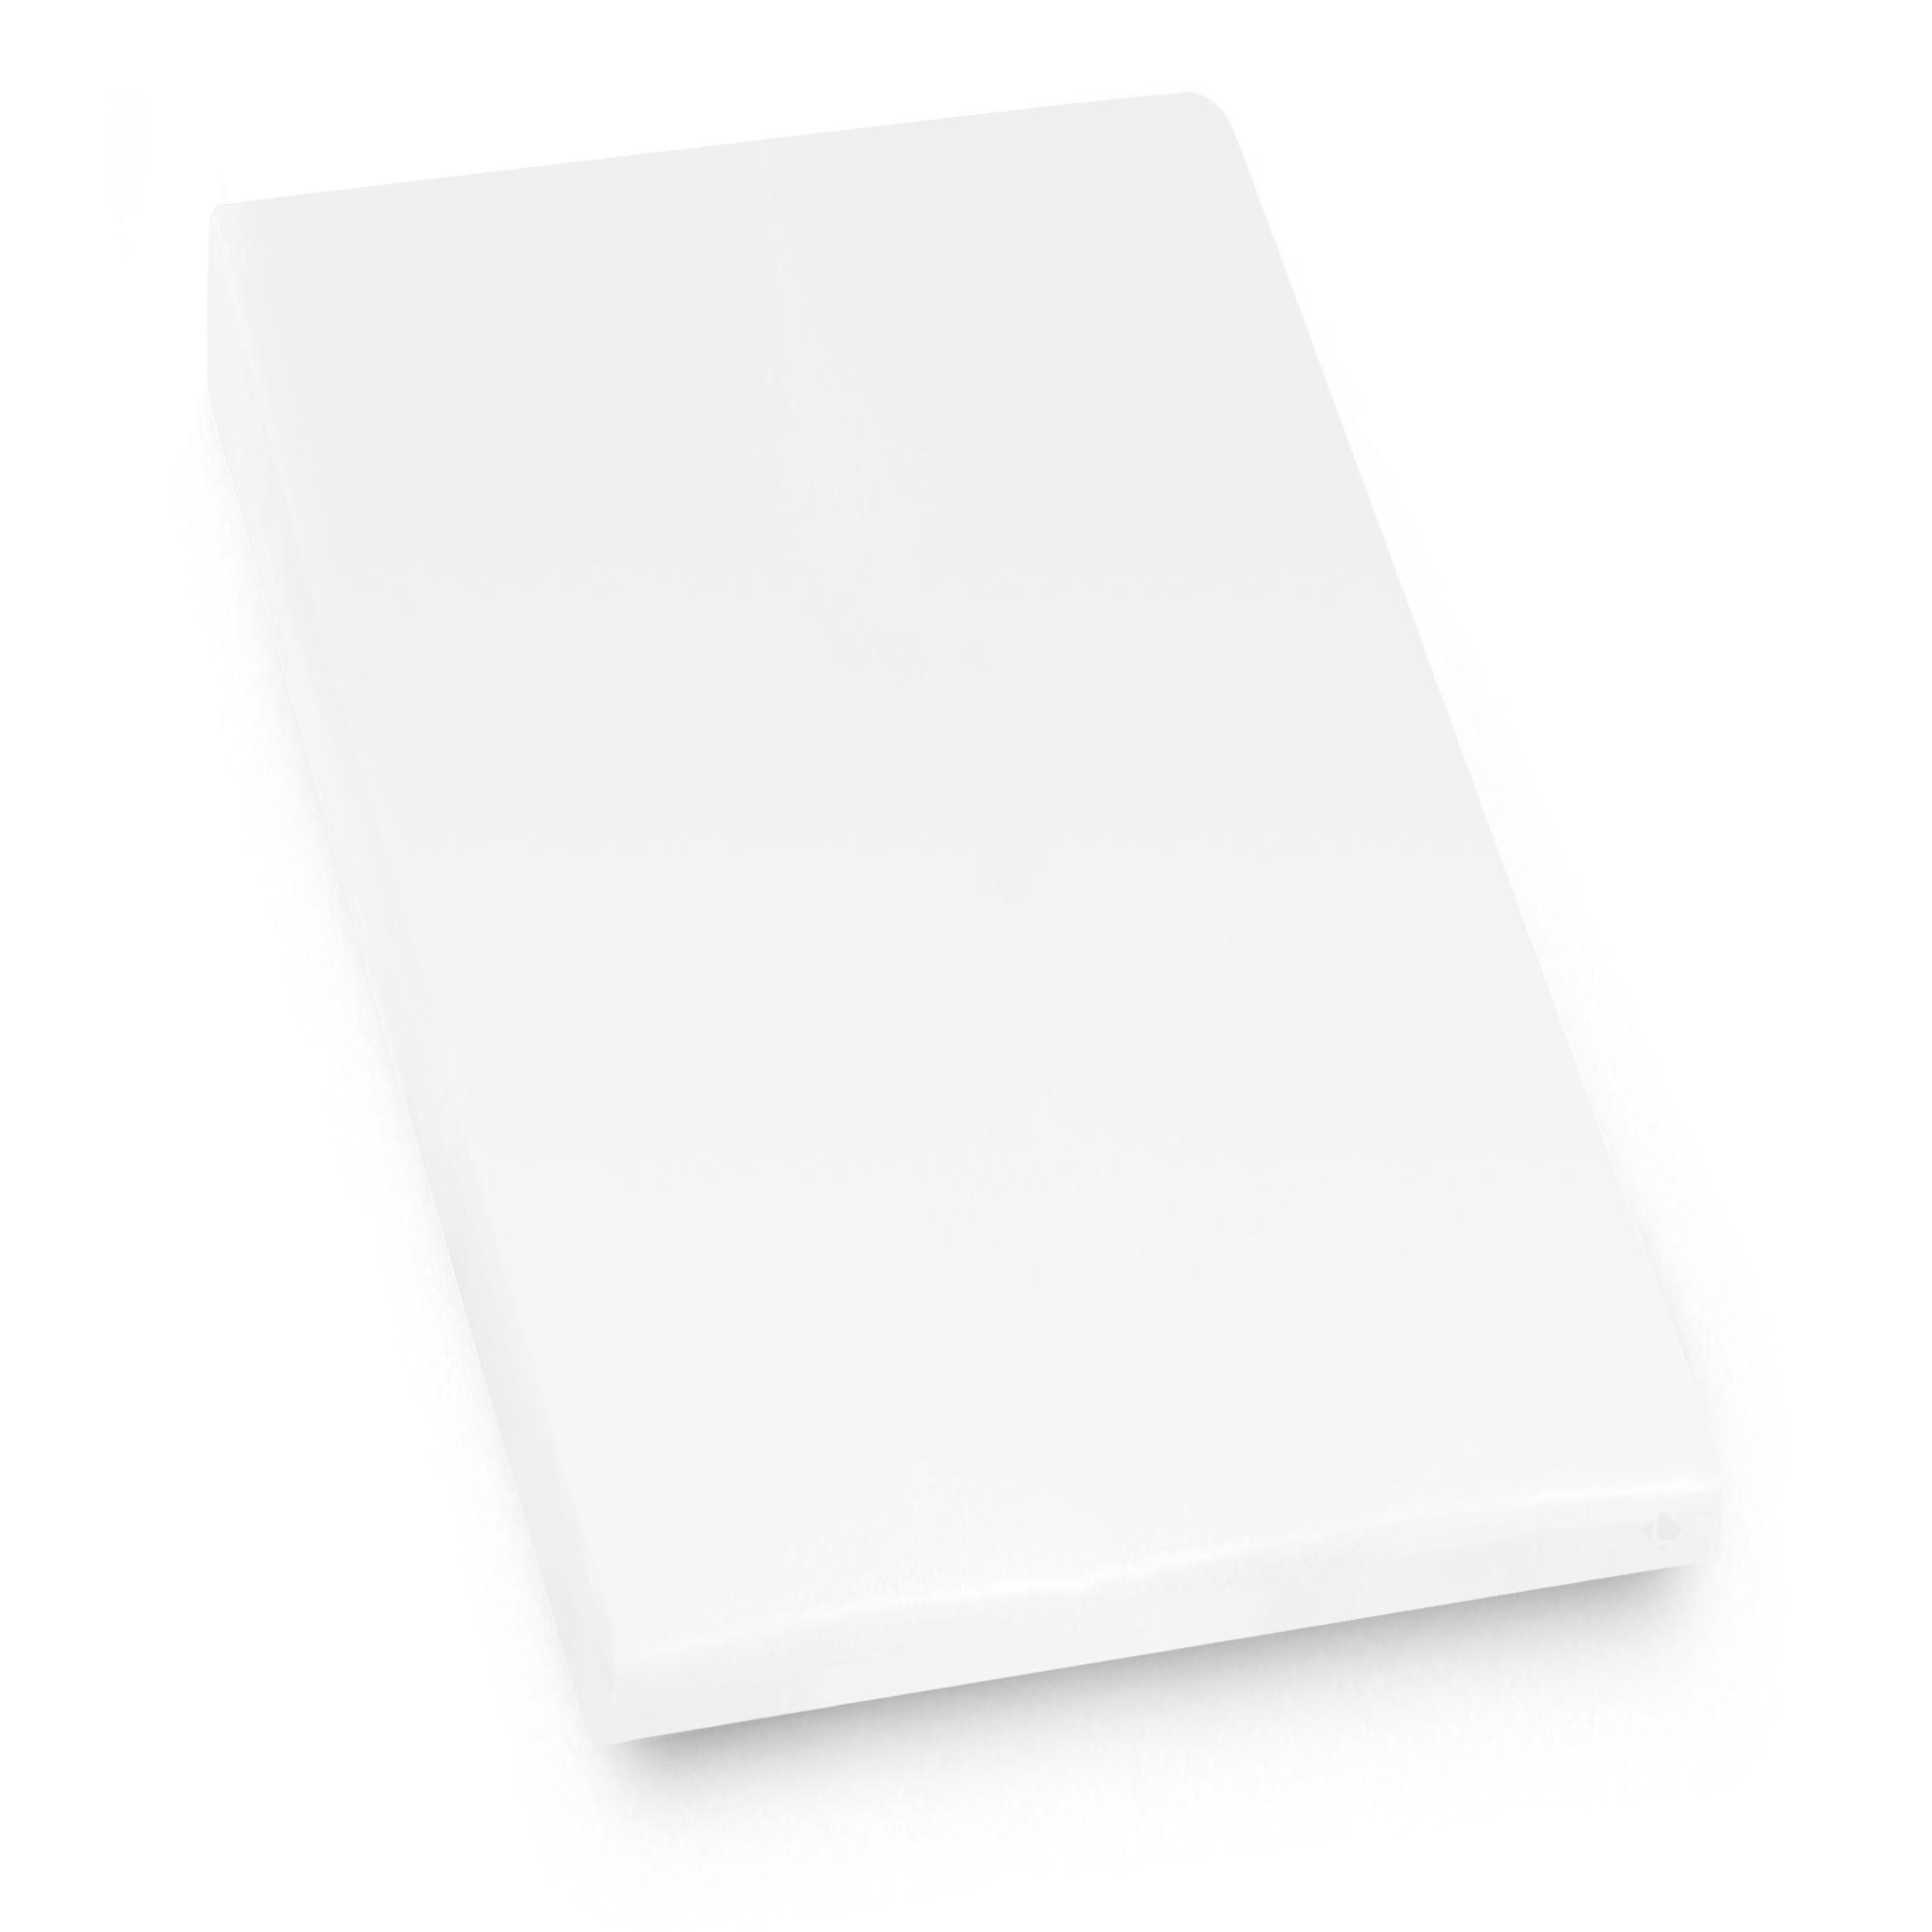 Linnea Protège matelas imperméable 60x120 cm bonnet 15cm ARNON molleton 100% coton contrecollé polyuréthane